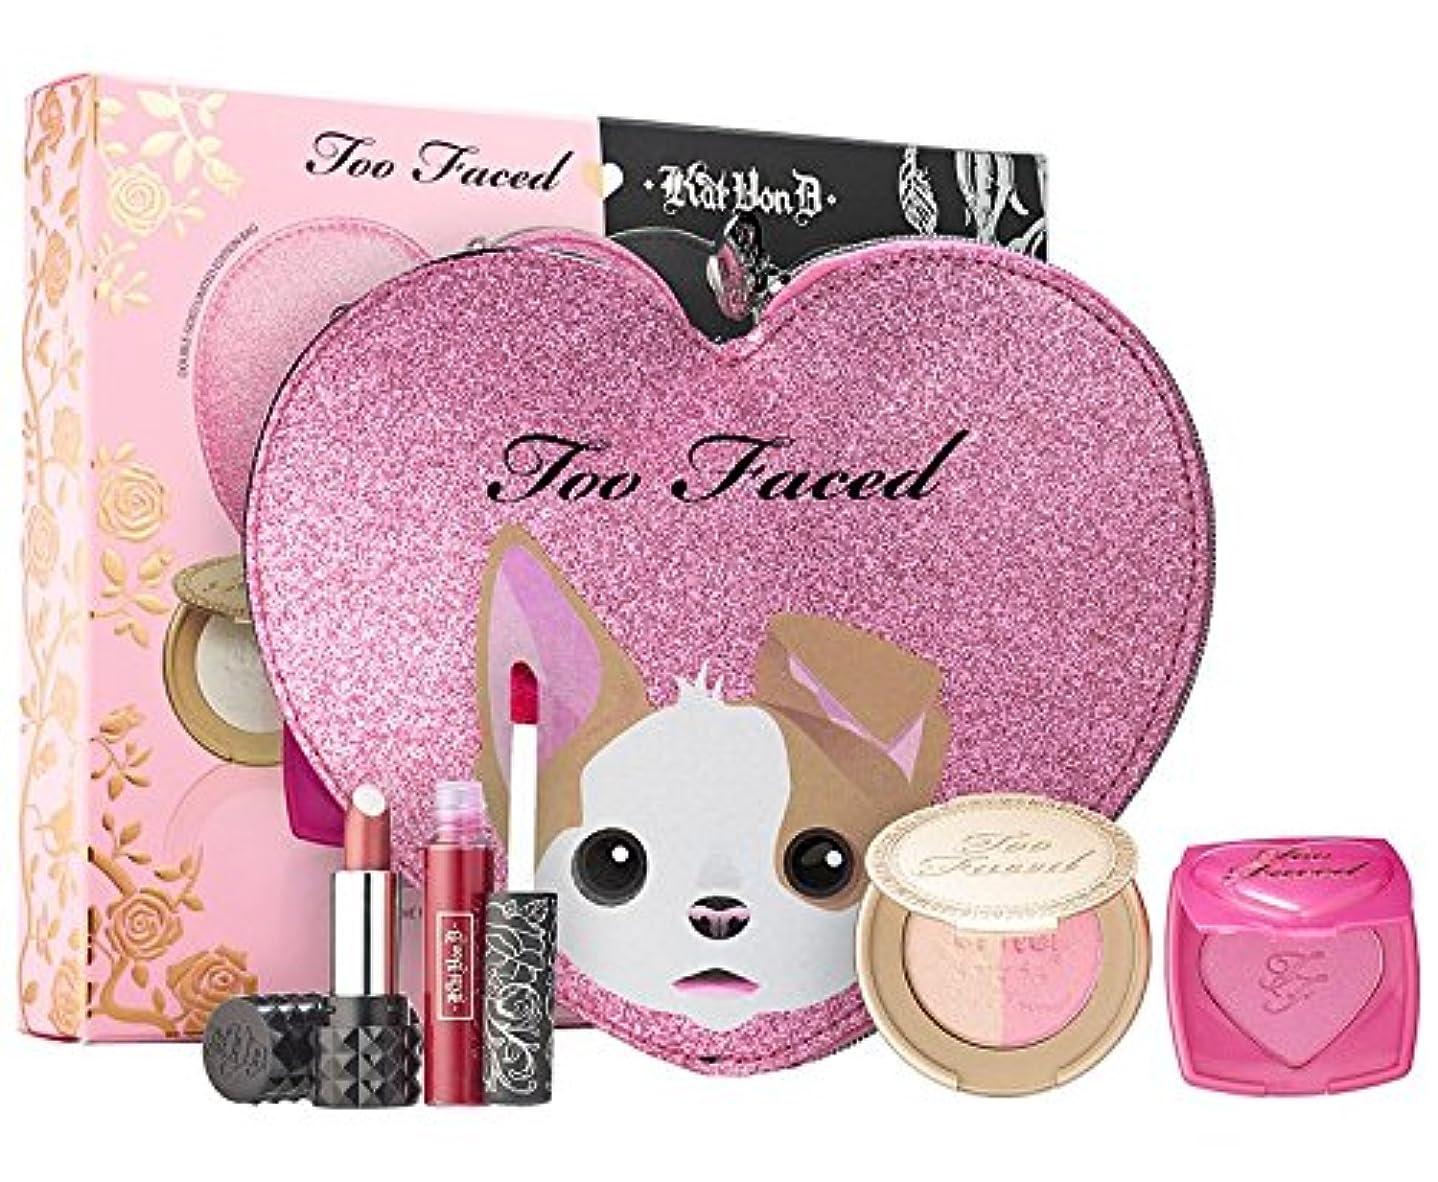 神秘マイコン独占Too Faced x Kat Von D ~ Better Together Cheek & Lip Makeup Bag Set ~ Limited Edition